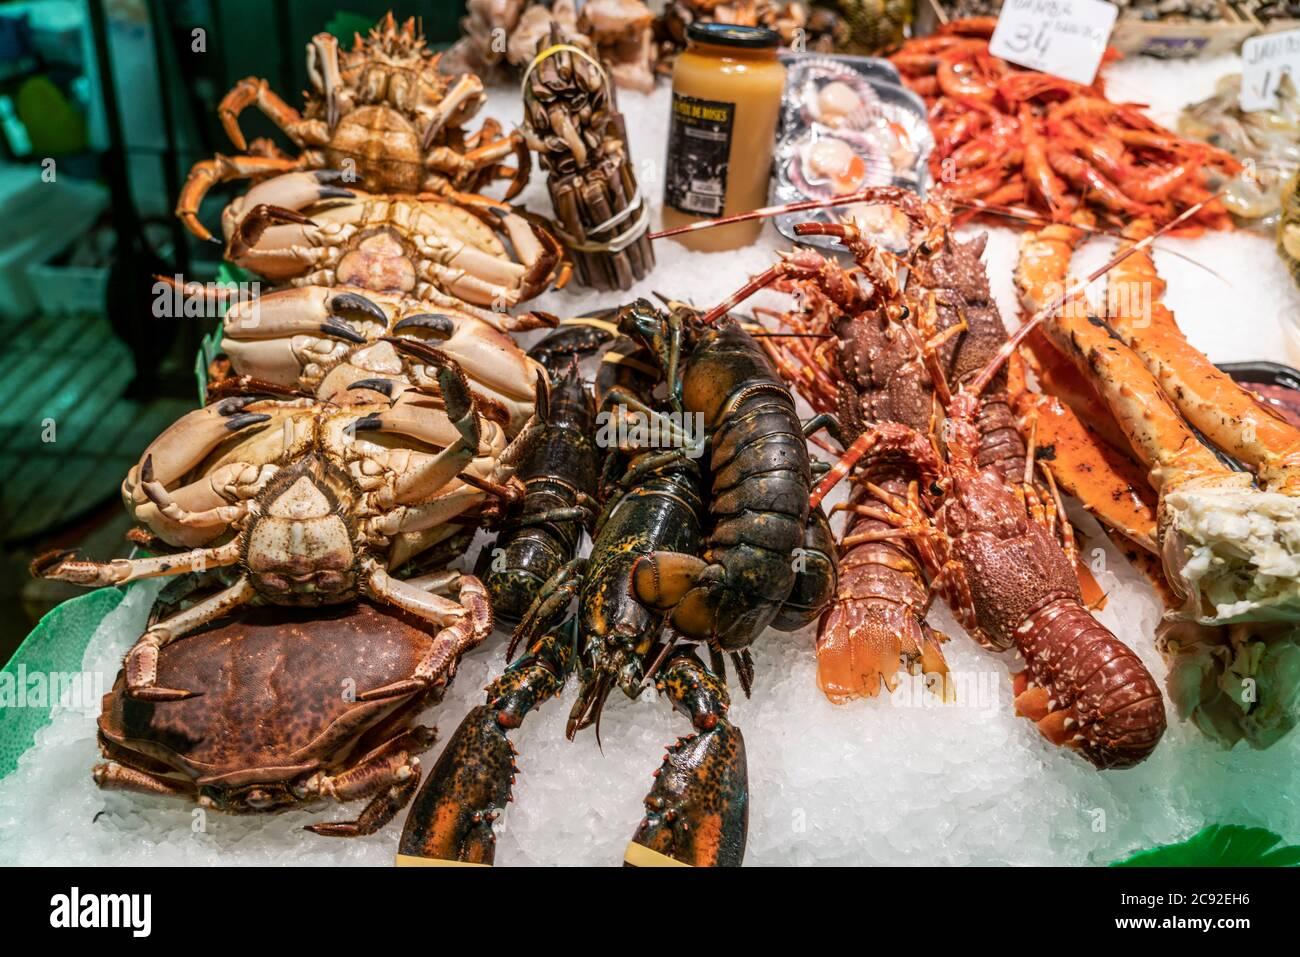 frischer Fisch in der Markthalle La Boqueria,  Mercat de la Boqueria, Barcelona, Spanien | Mercat de la Boqueria, fresh fish, seefood,  Market hall, B Stock Photo